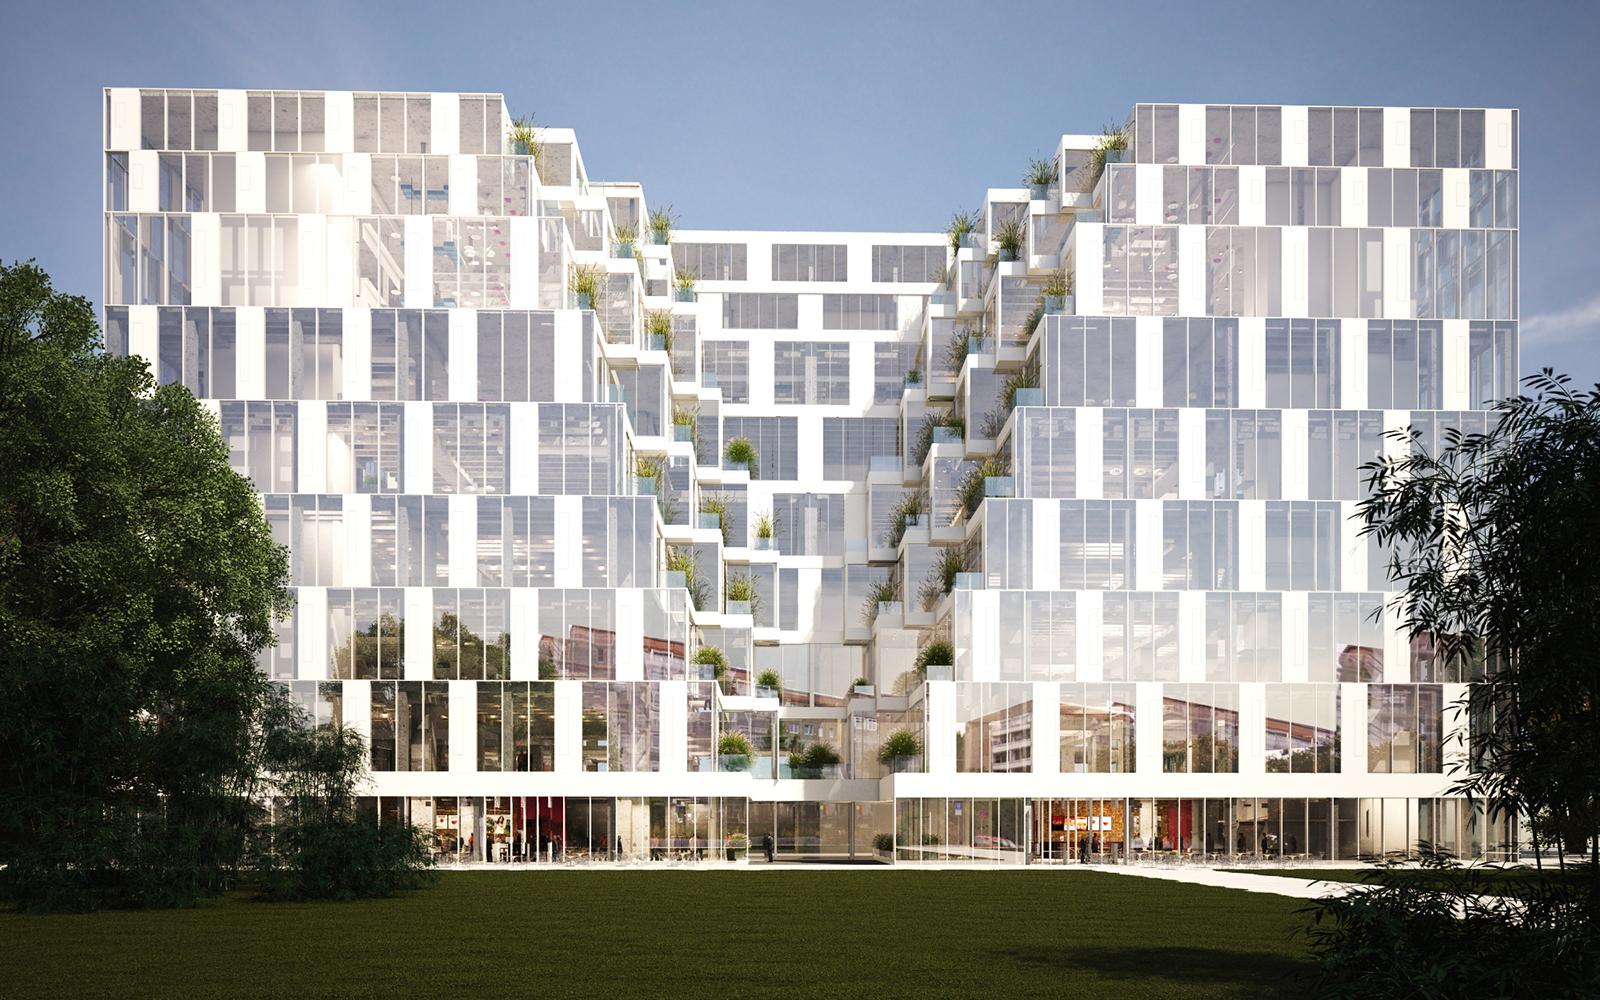 umbau kaufhof am ostbahnhof deutsches architektur forum. Black Bedroom Furniture Sets. Home Design Ideas